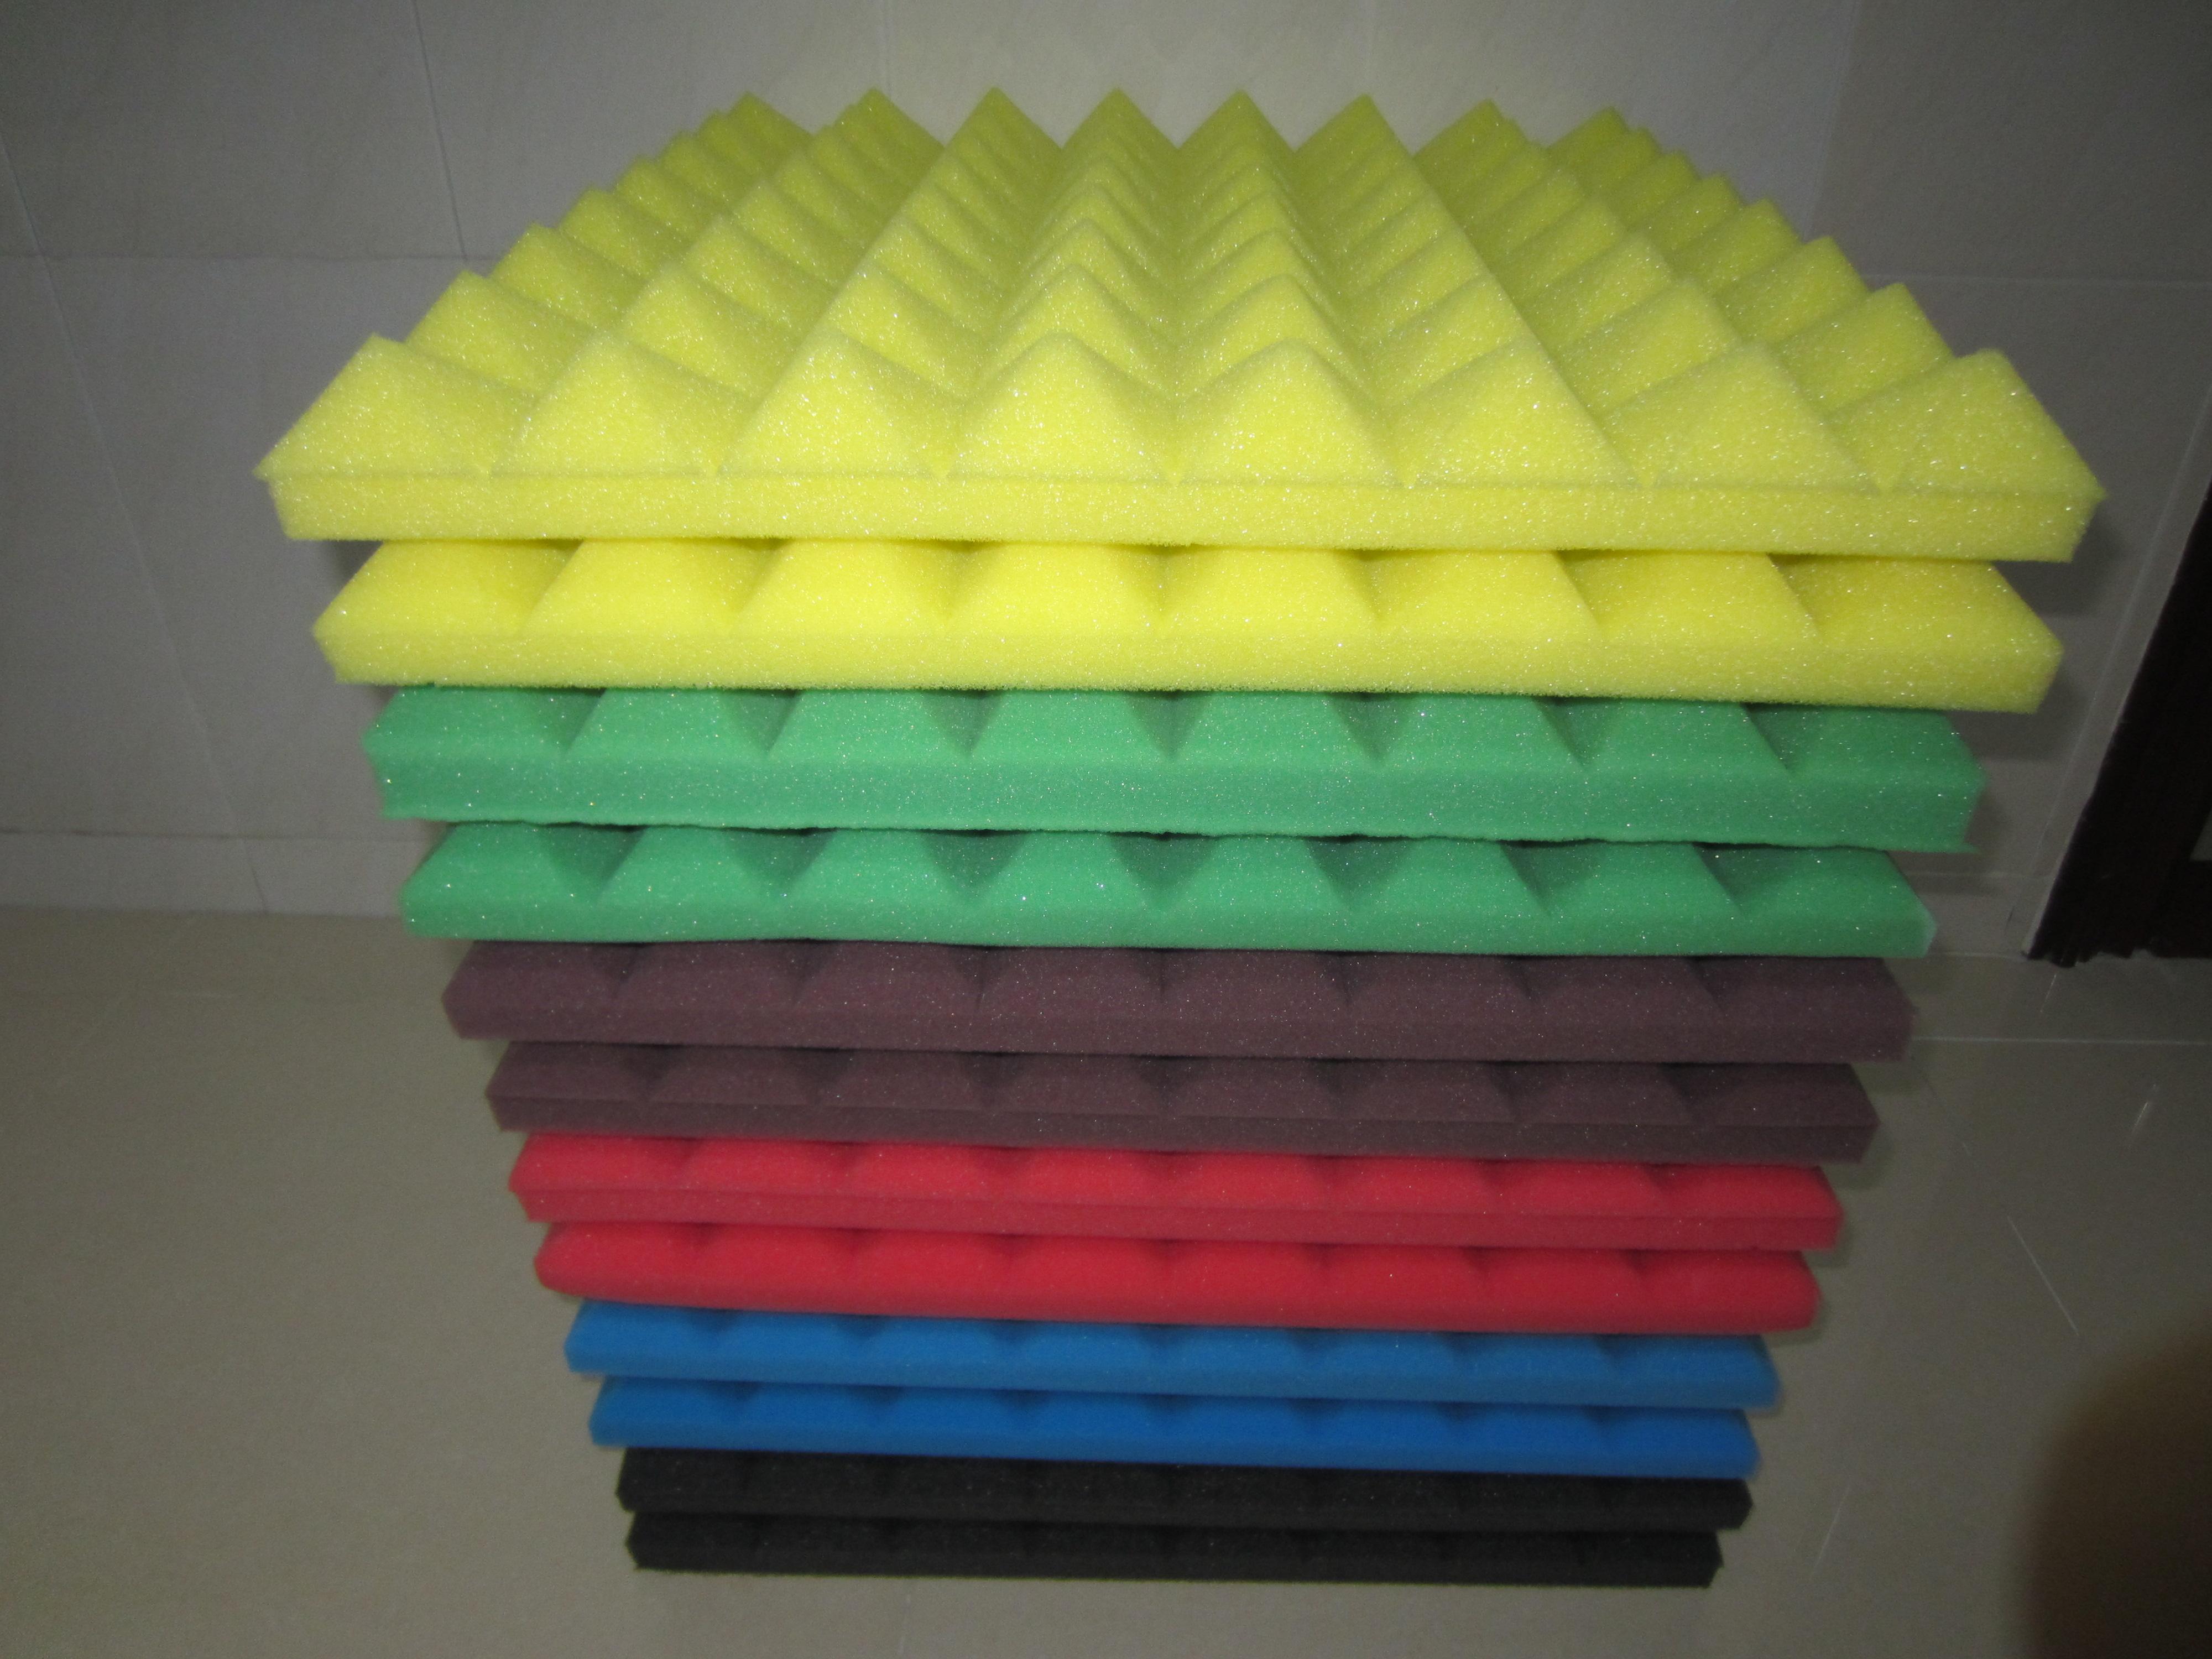 鸡蛋棉和金字塔吸音棉哪个吸音棉效果好